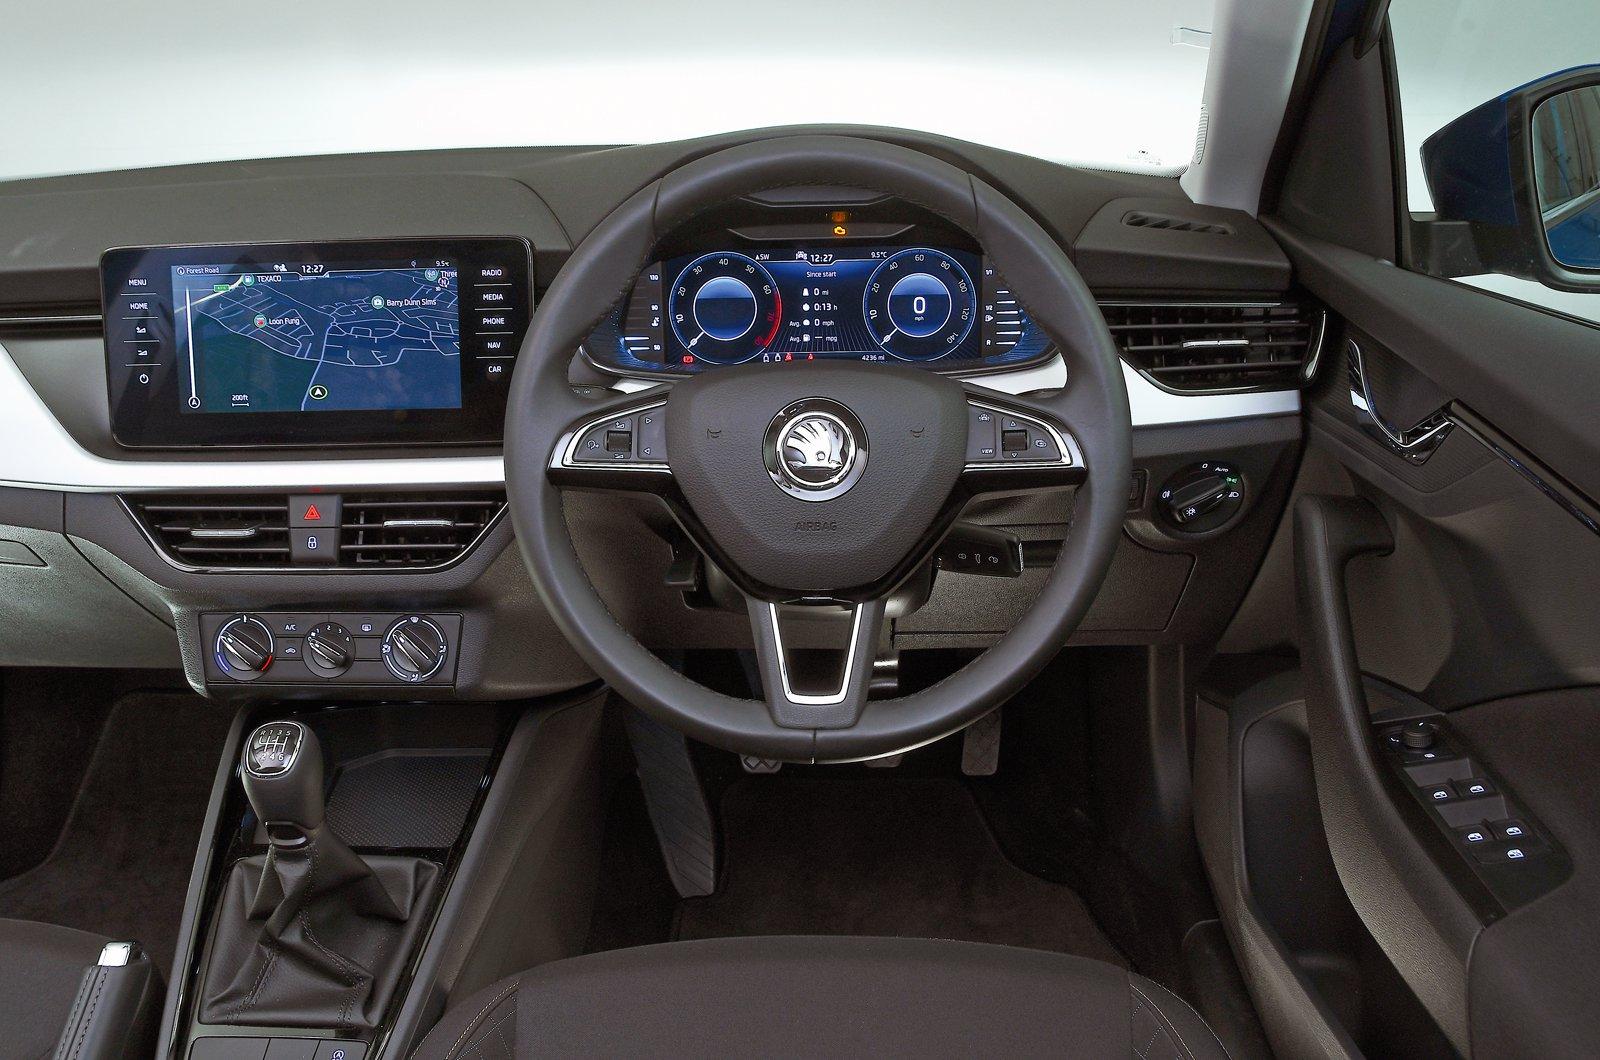 Skoda Kamiq dashboard - blue 69-plate car